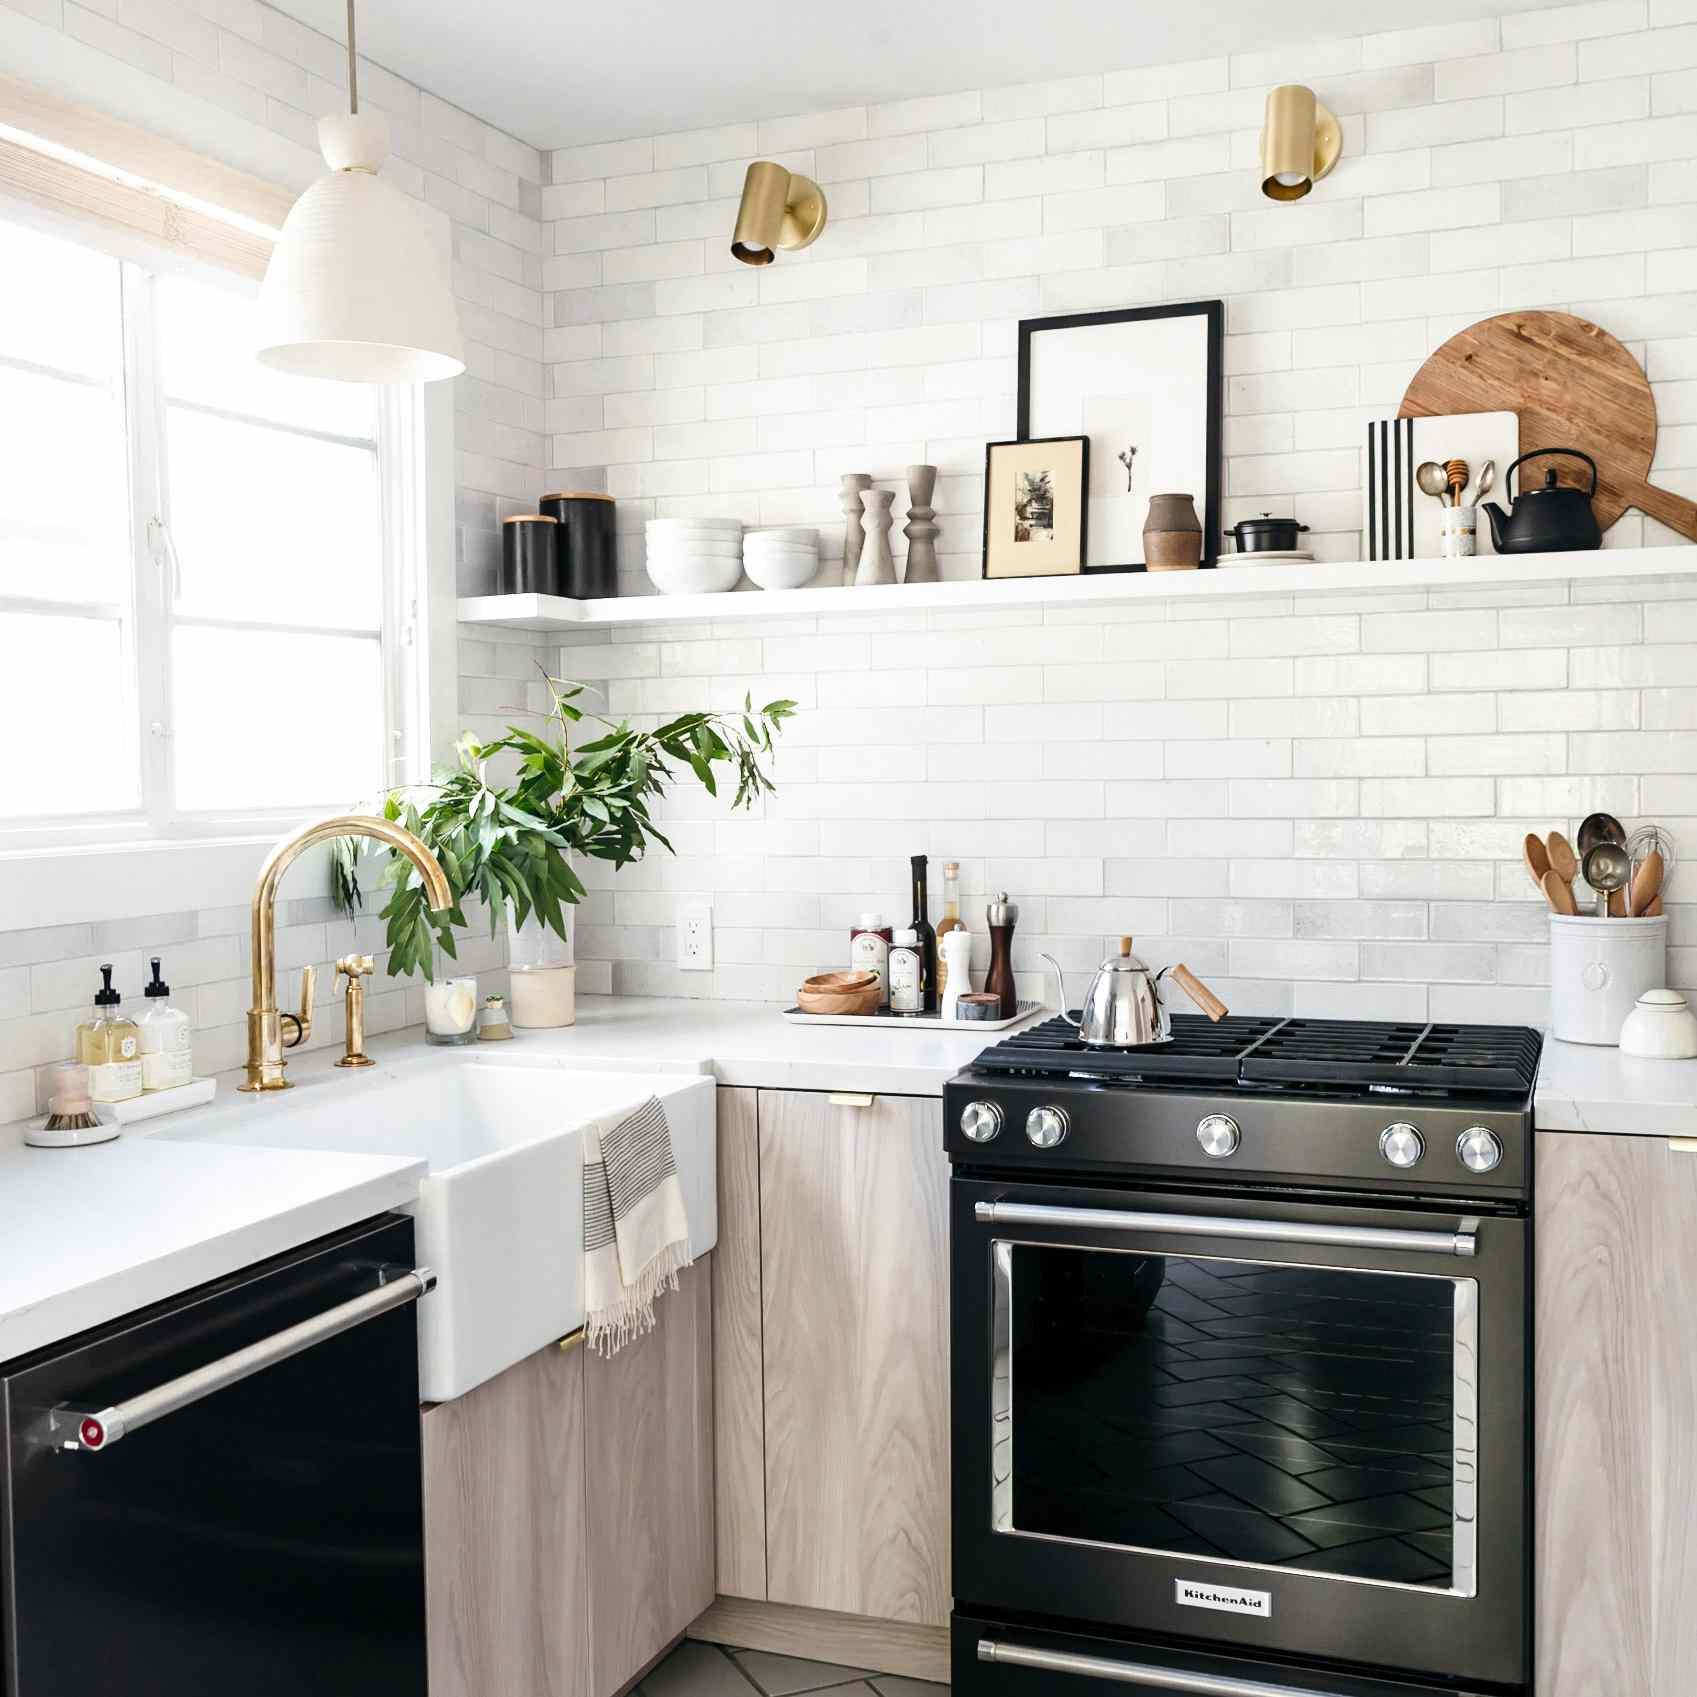 9 Clever IKEA Kitchen Design Ideas